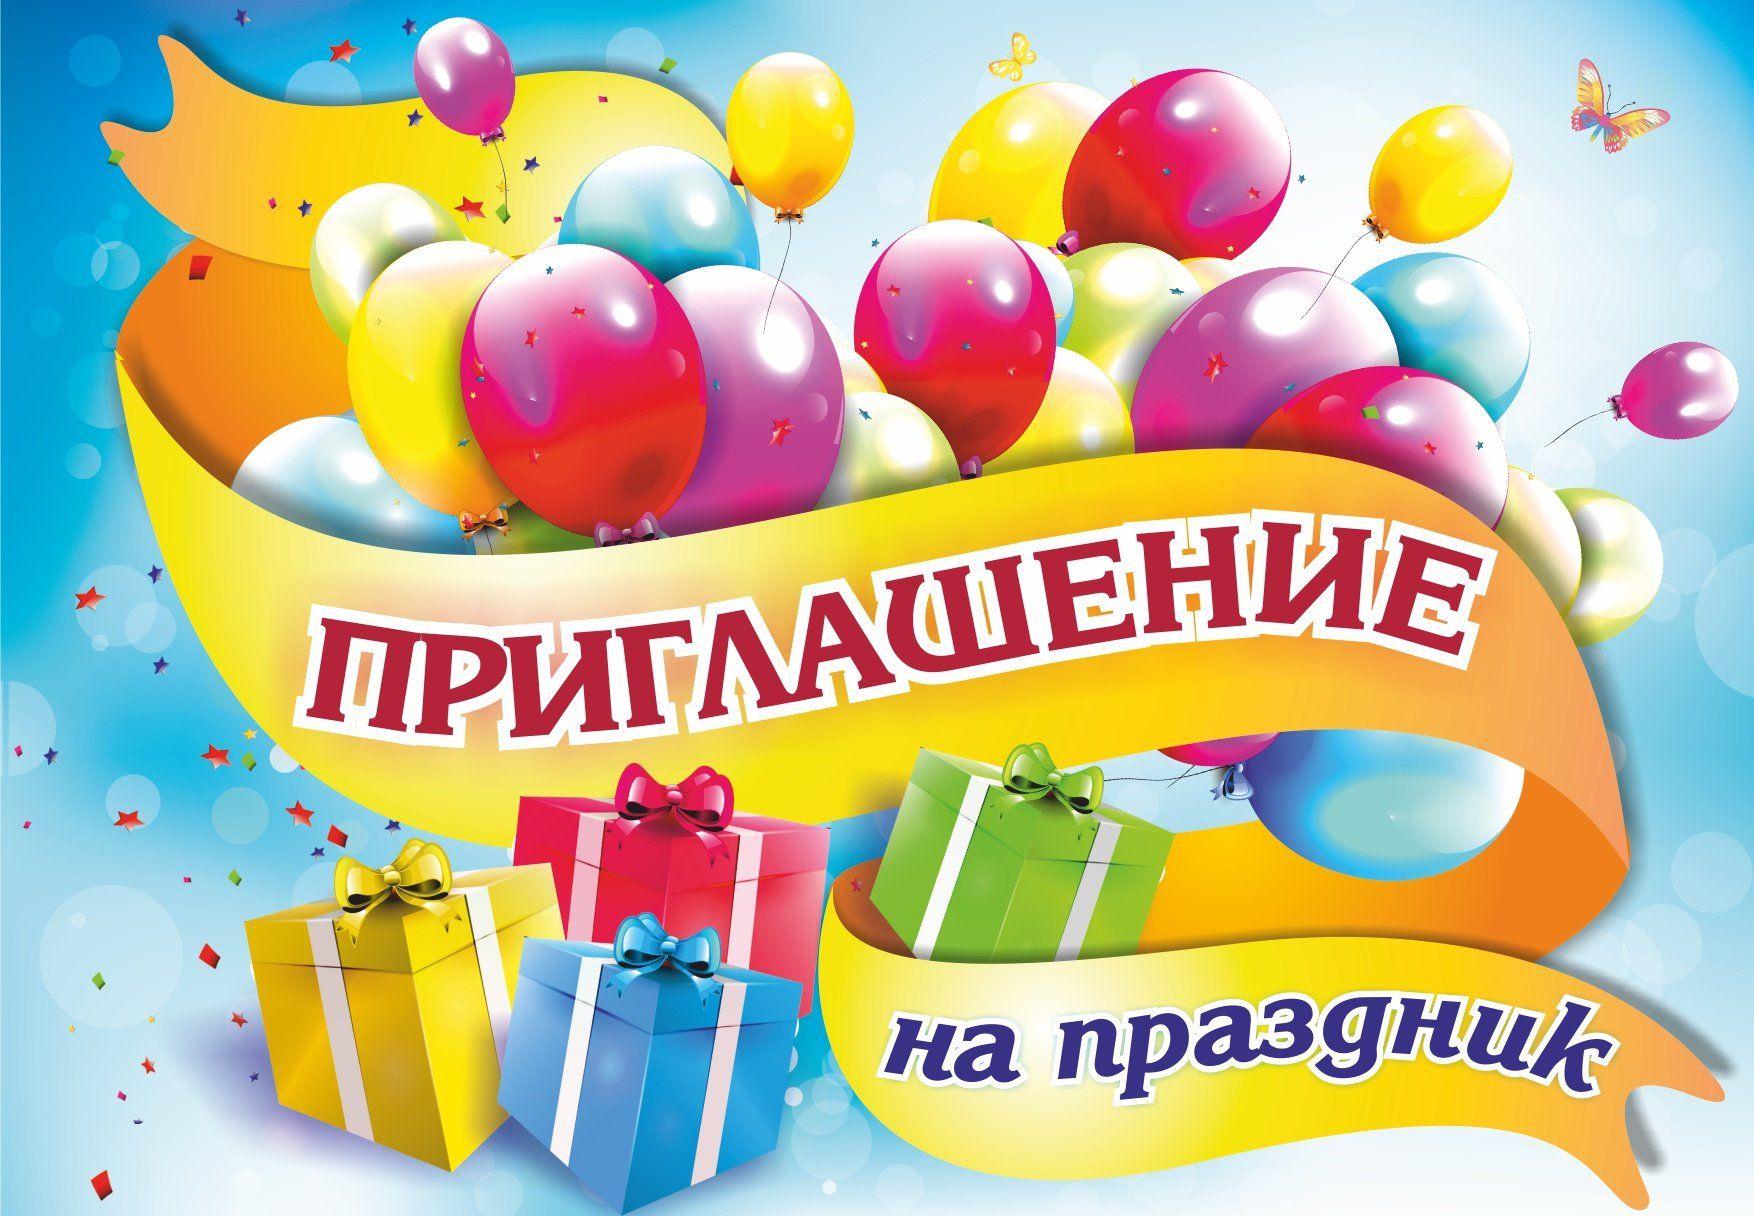 Образец приглашение на праздник открытка